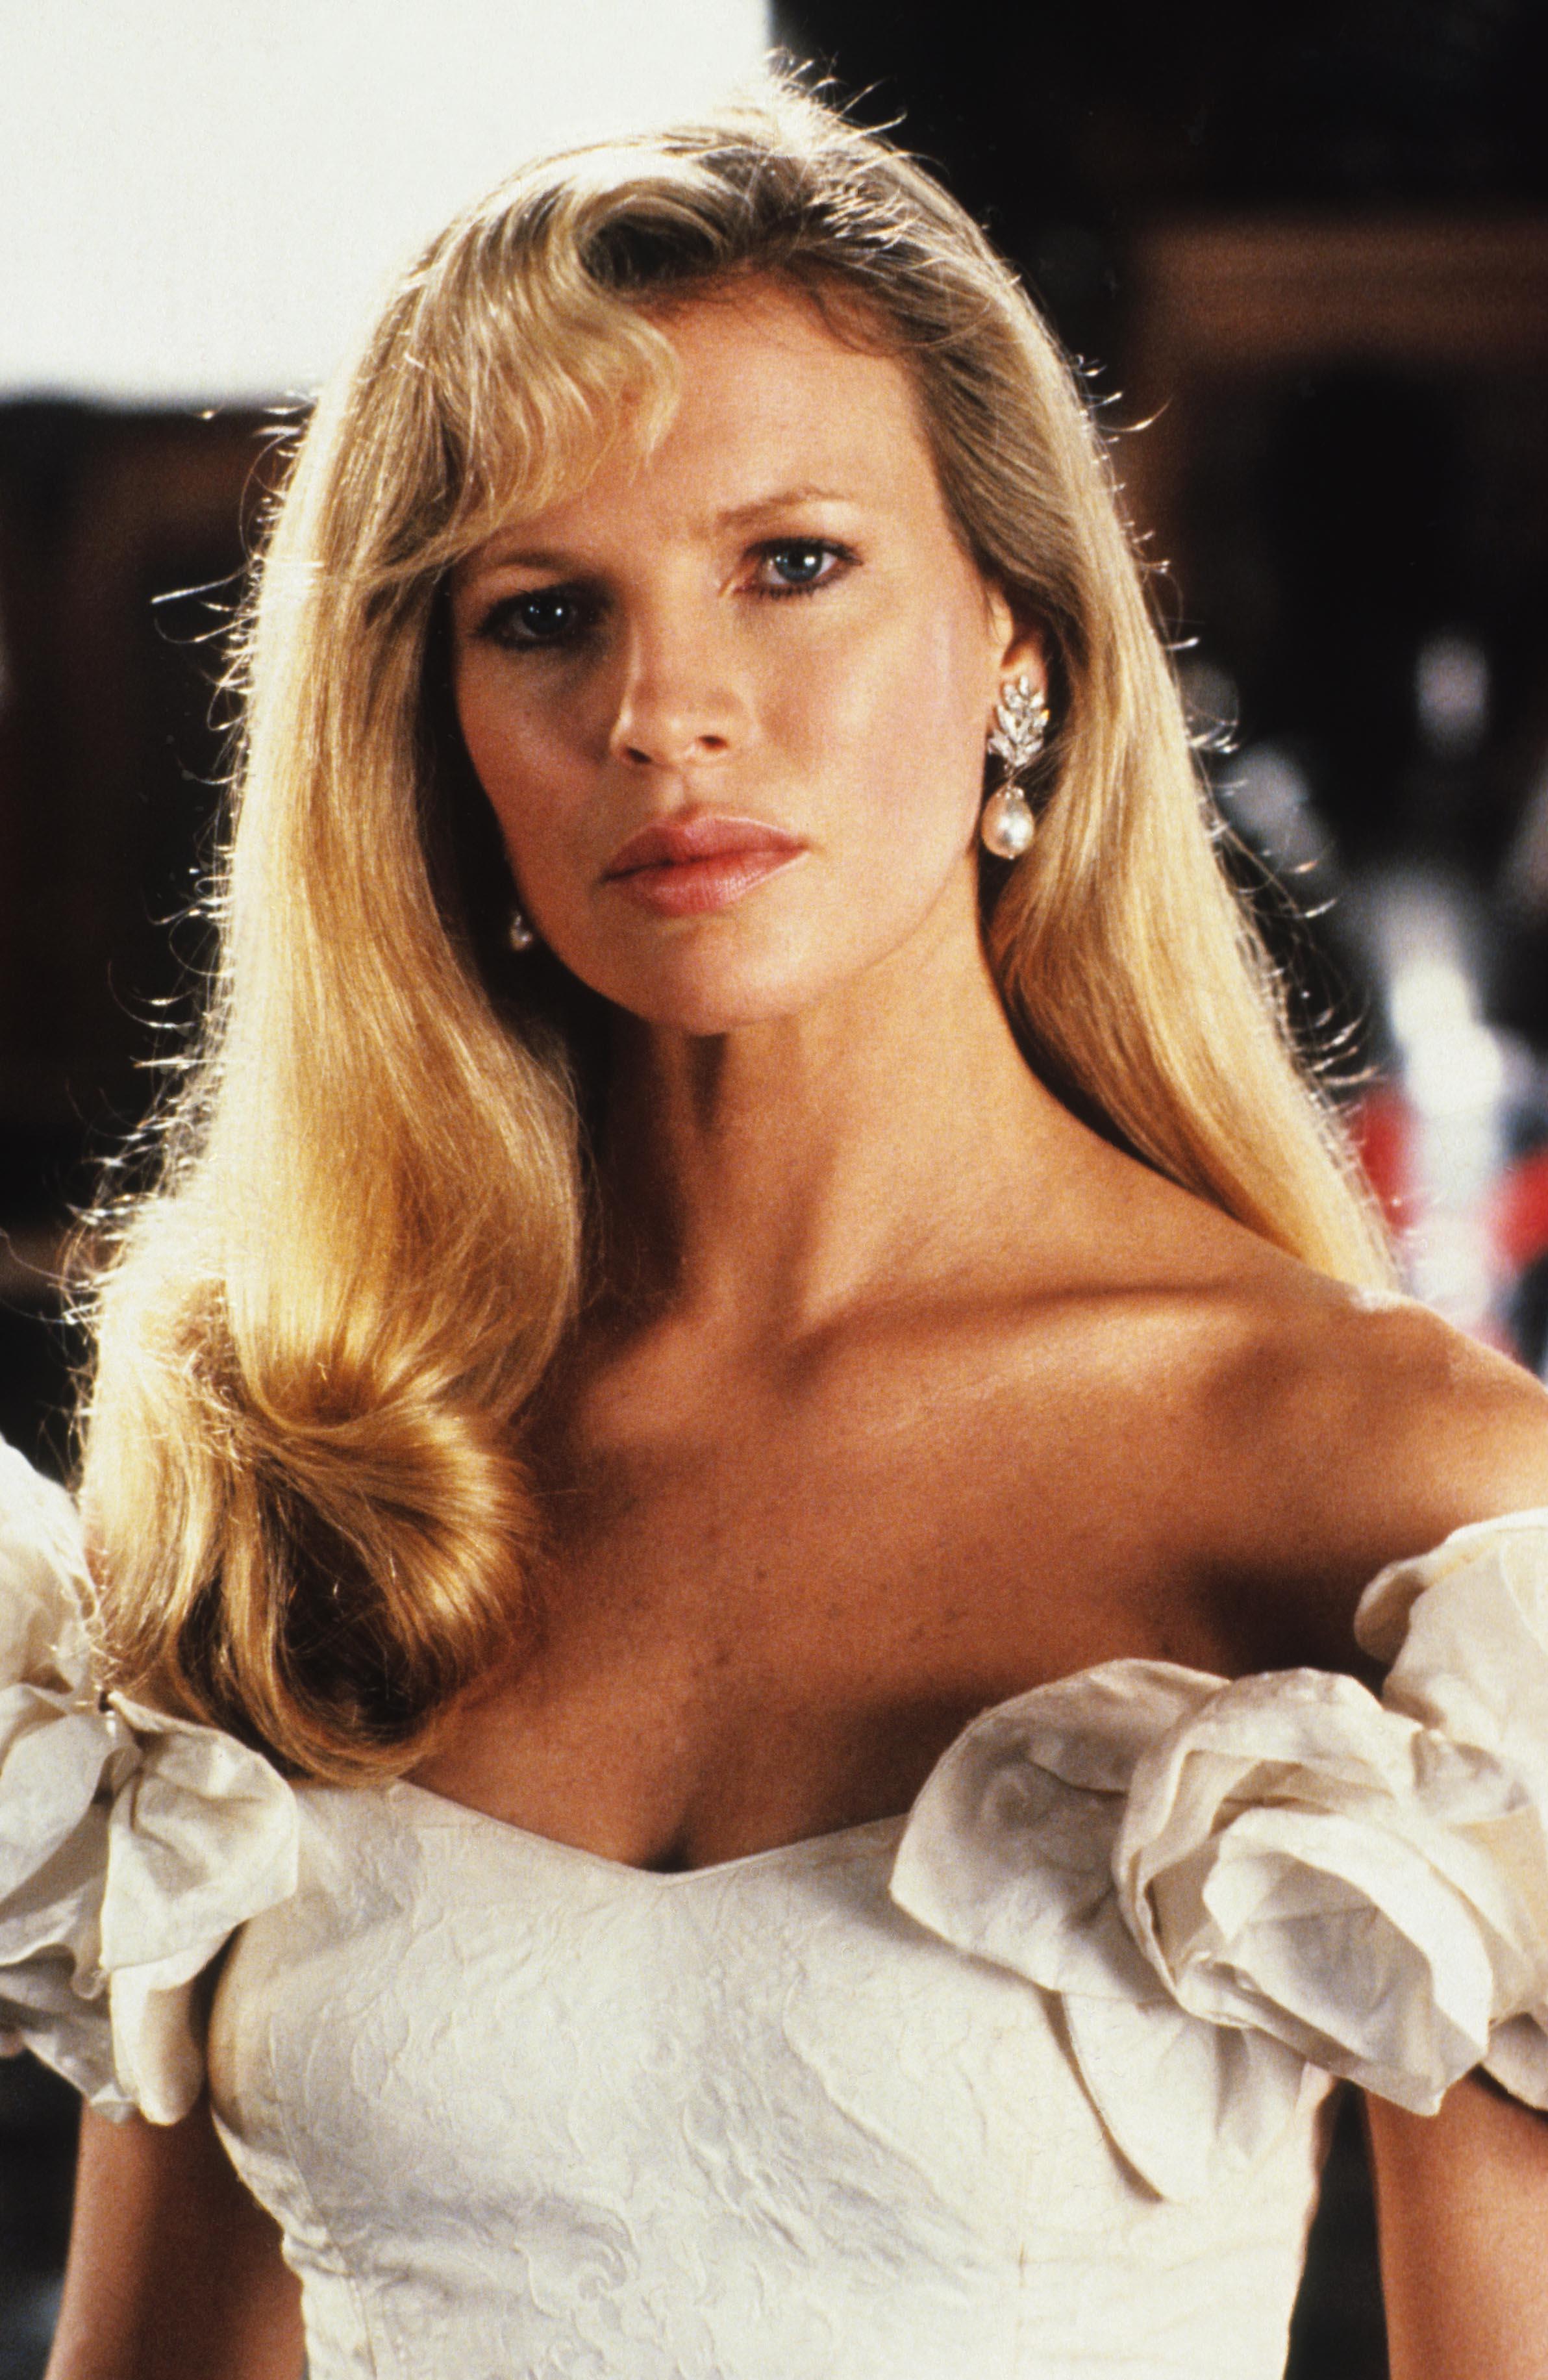 Coiffures des années 80 : Kim Basinger, longue chevelure blonde avec une raie sur le côté, style années 80, et une robe blanche décolletée.